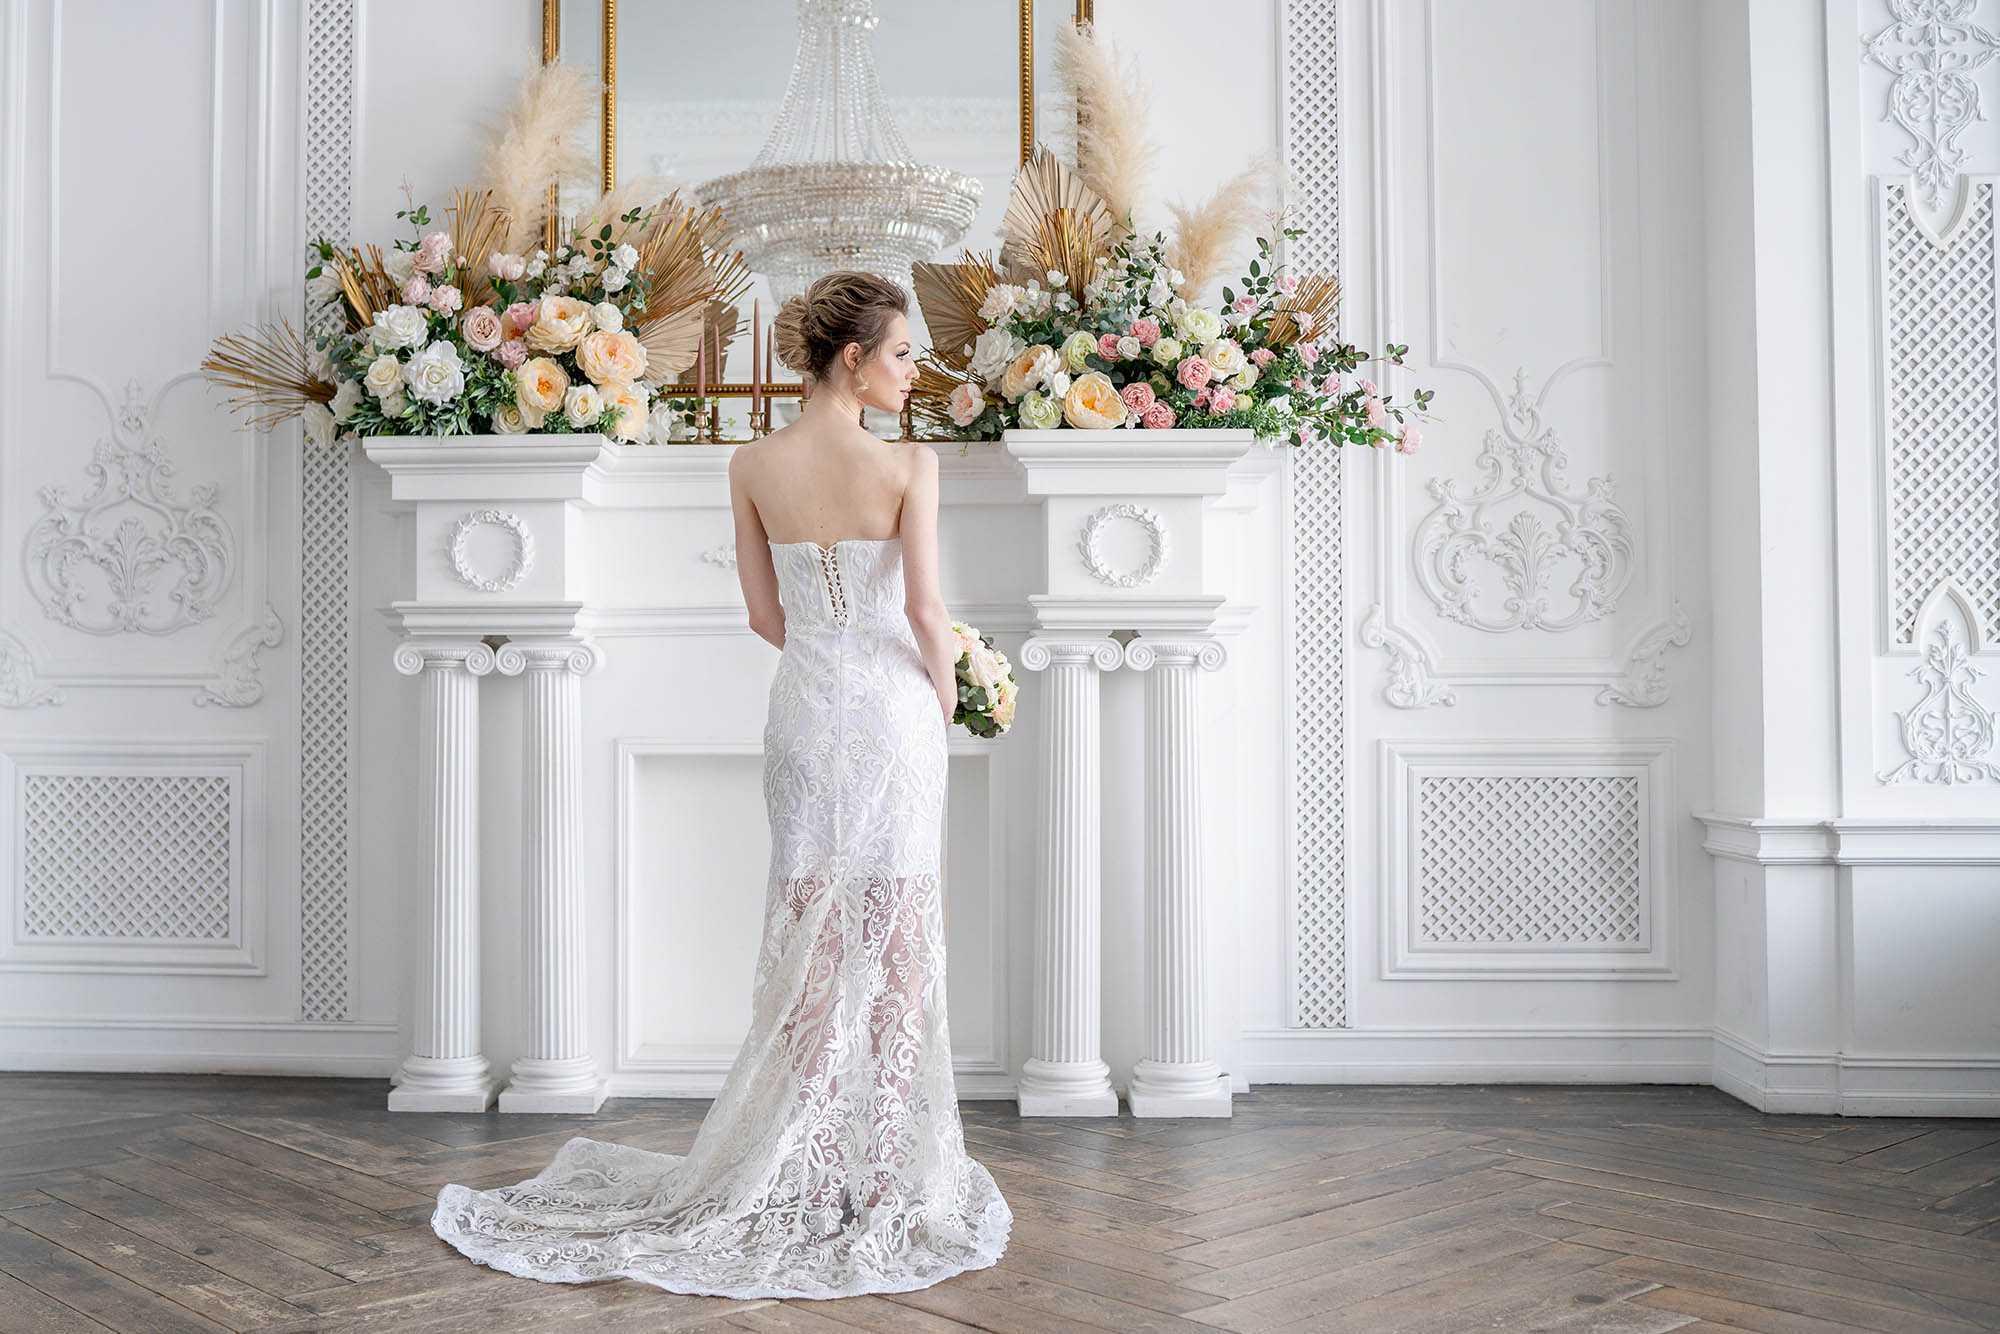 Портфолио свадебного фотографа, Красивые свадебные фотографии, Свадебное фото